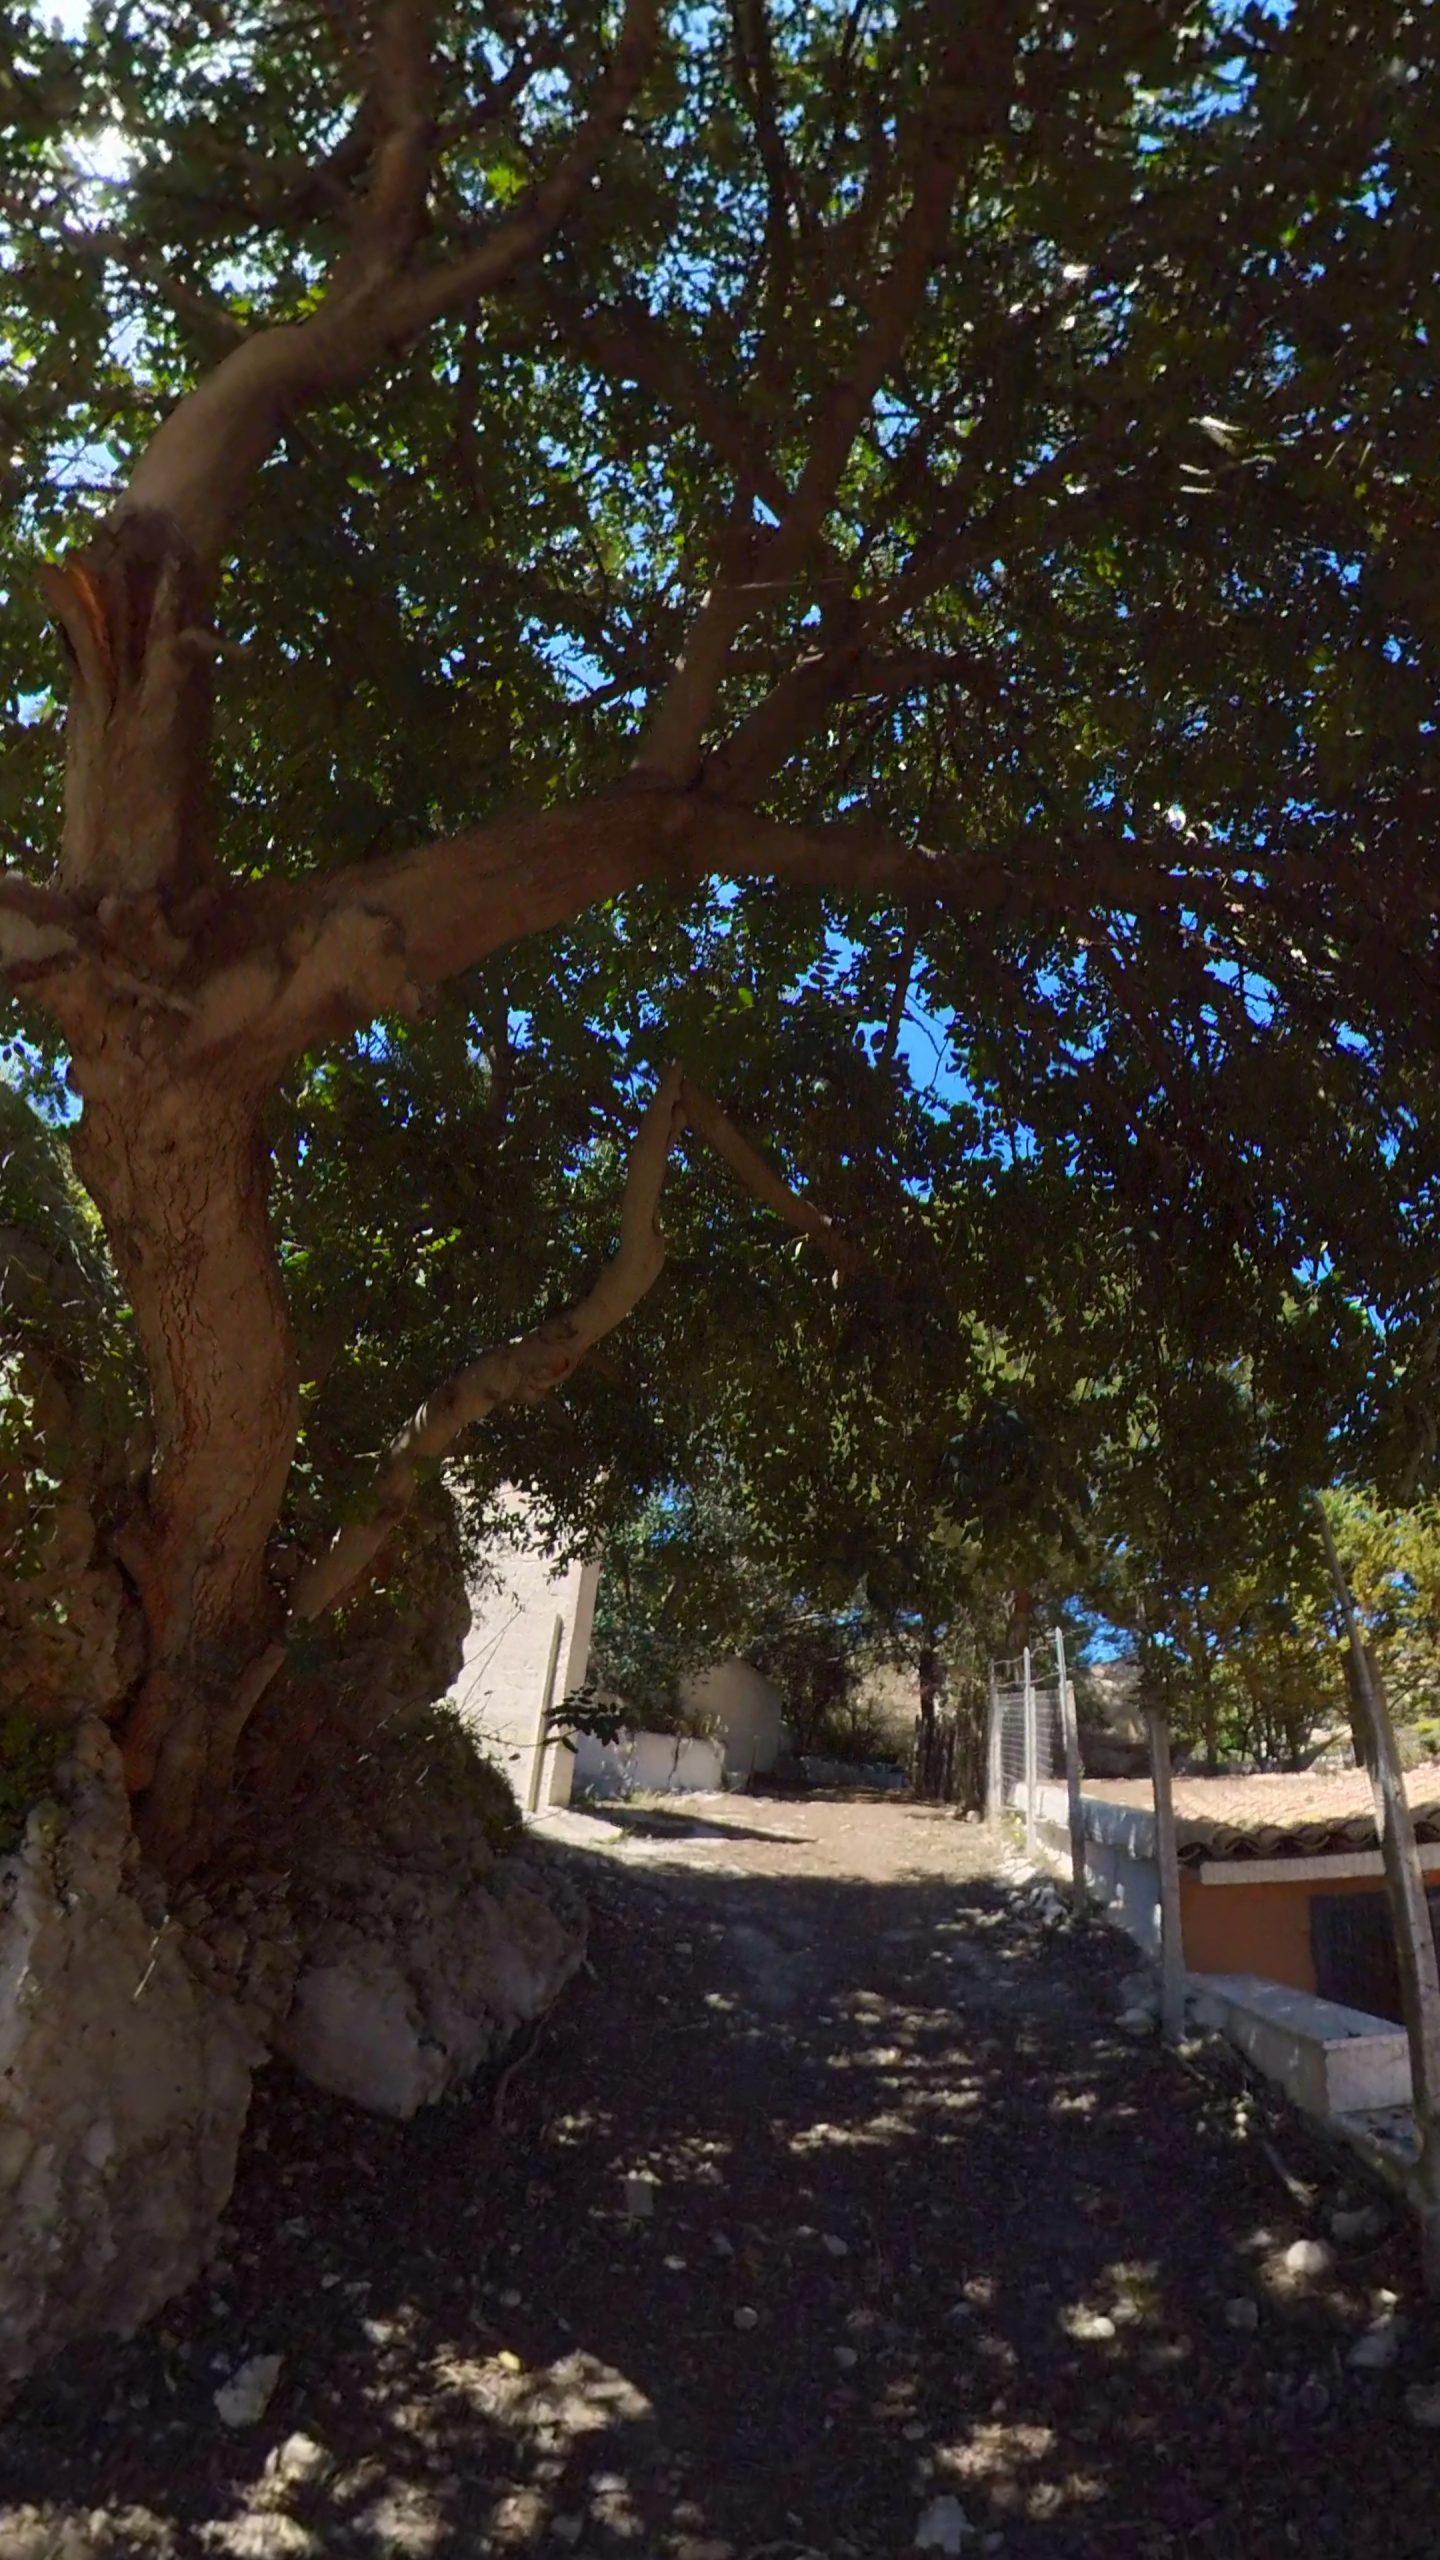 Villetta in vendita zona Nicolizia, vicino al mare – Licata